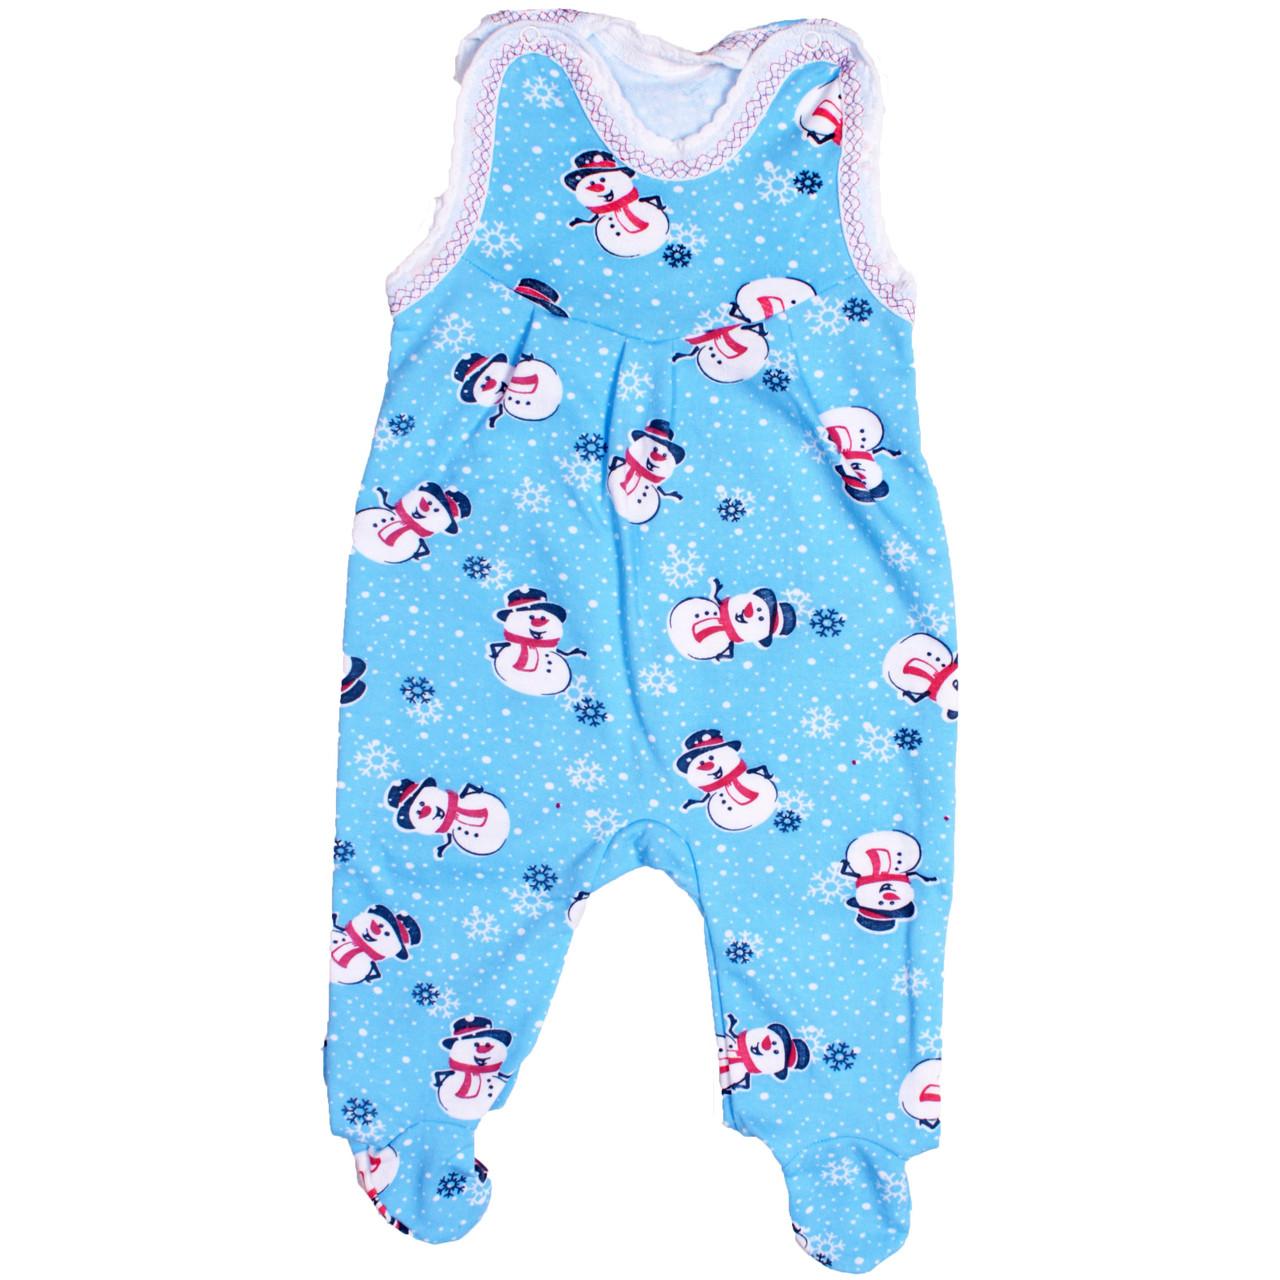 Ползунки для новорожденных теплые байка